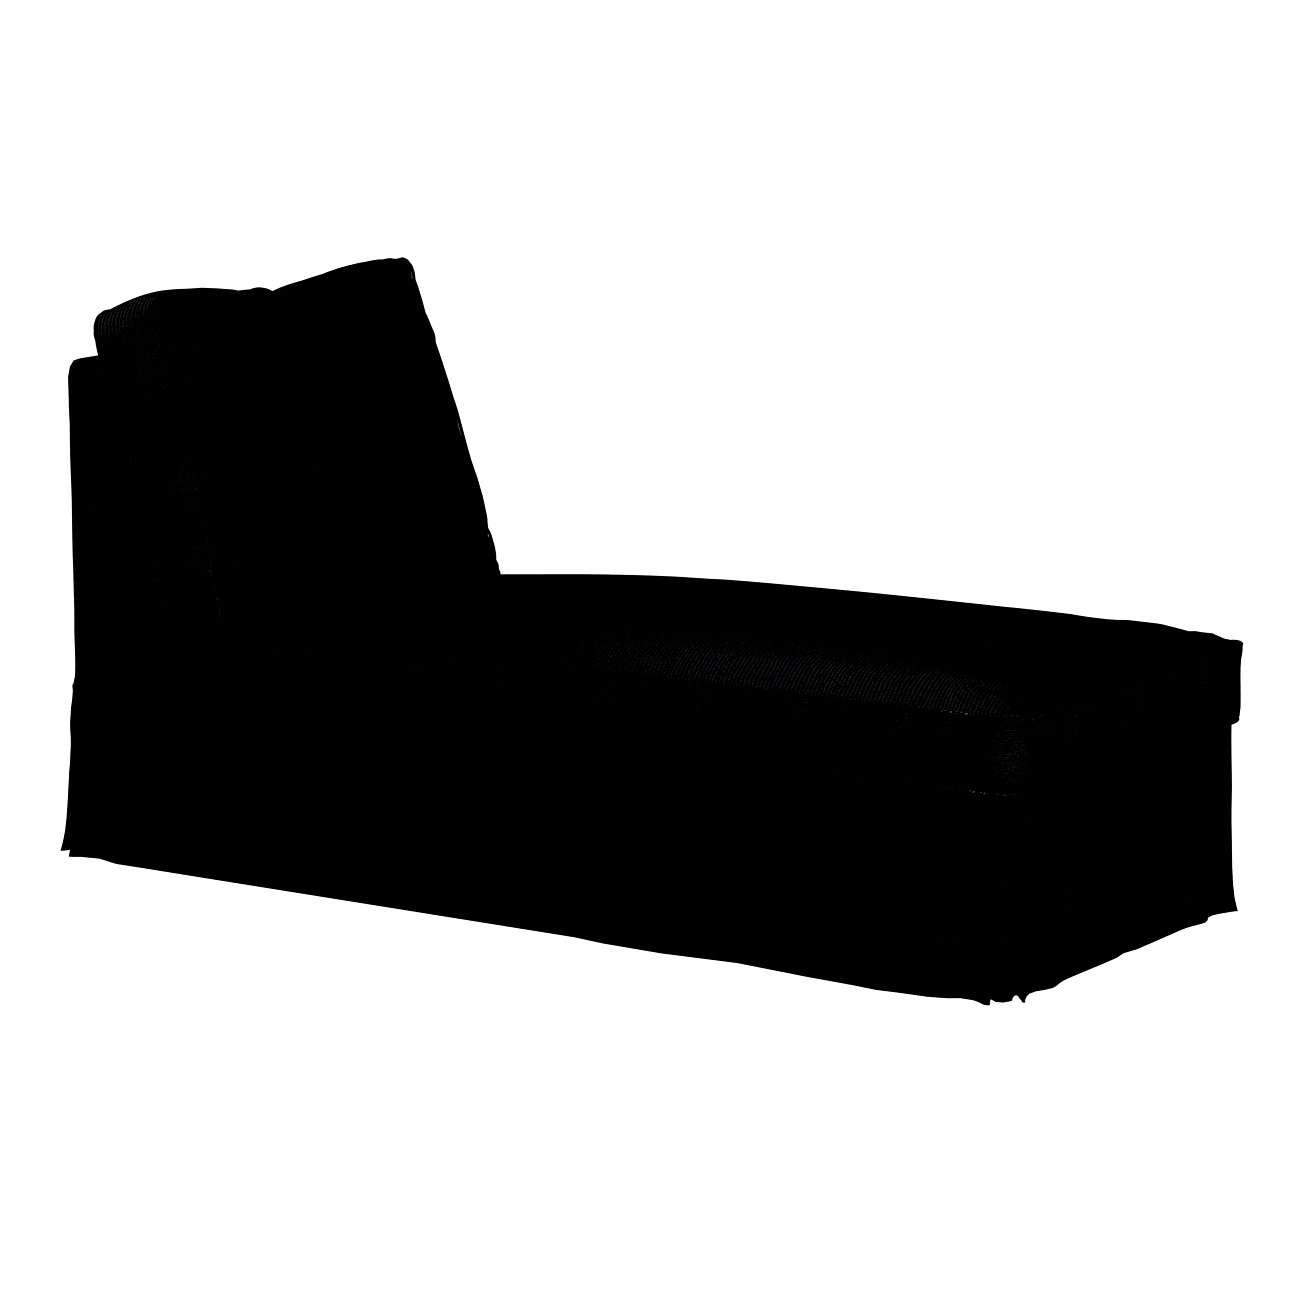 Pokrowiec na szezlong/ leżankę Ektorp wolnostojący prosty tył w kolekcji Etna, tkanina: 705-00